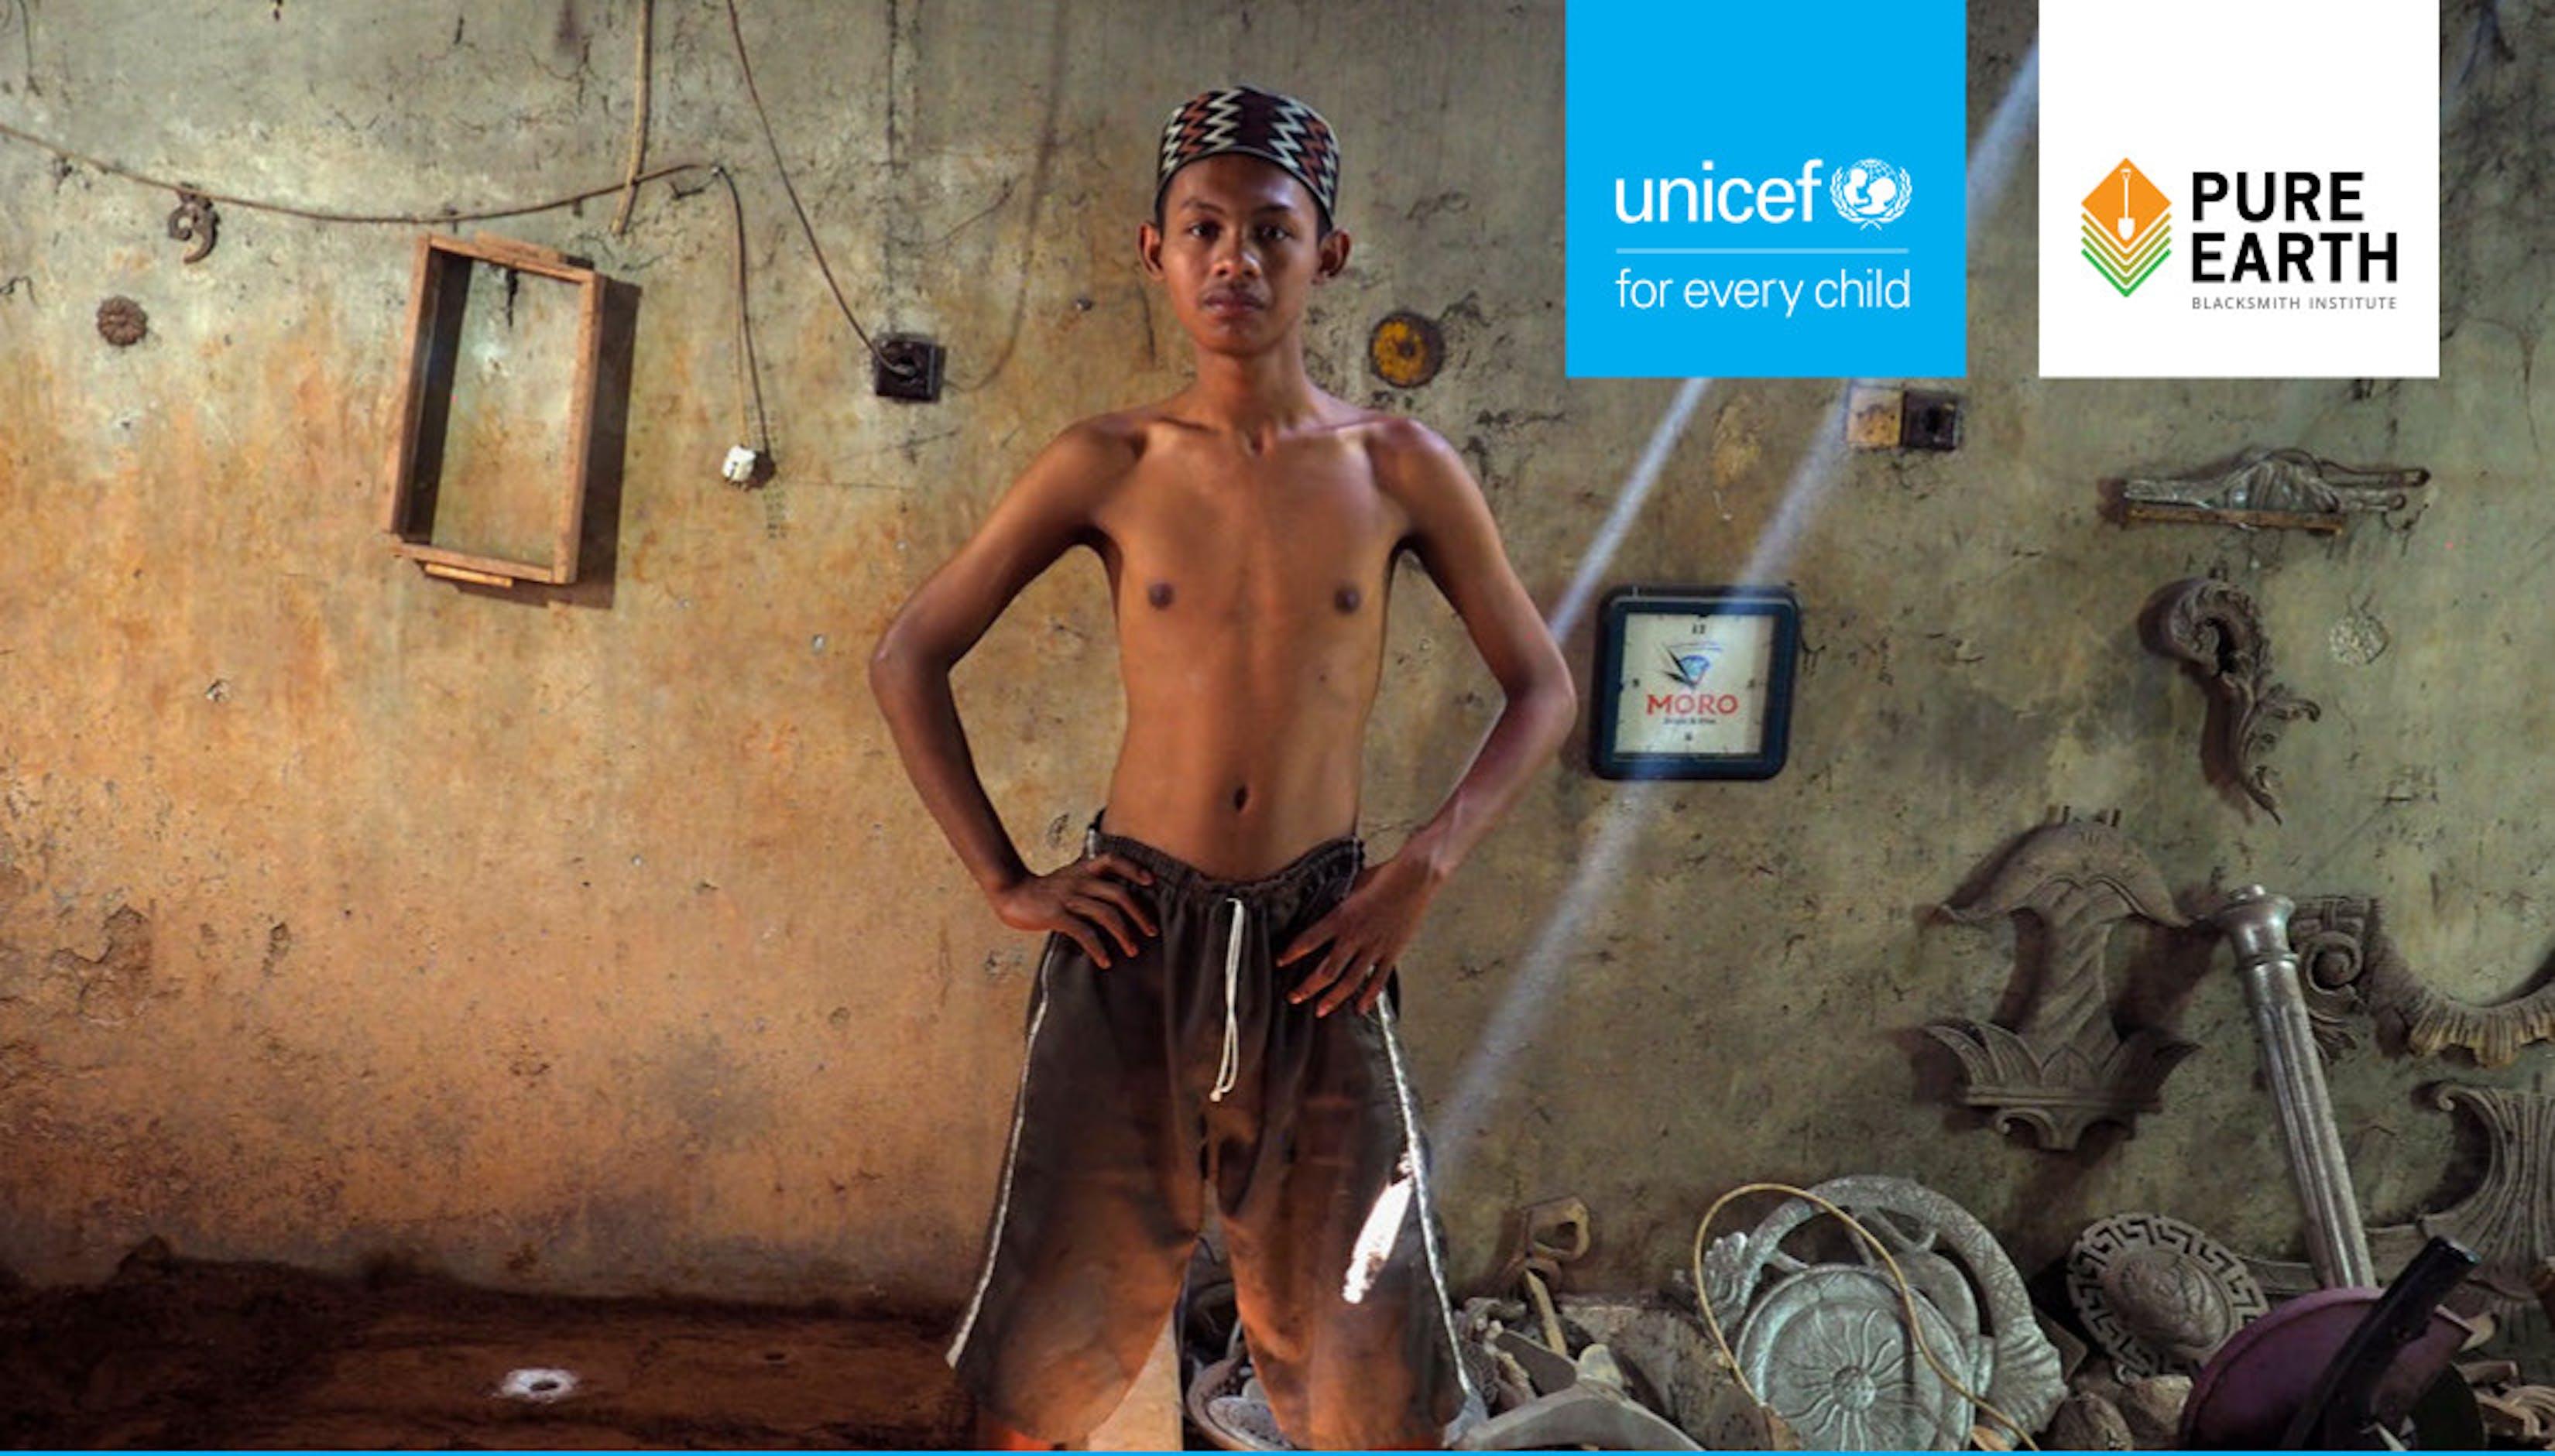 Settimana internazionale per la prevenzione dell'avvelenamento da piombo, 800 milioni di bambini ne sono colpiti